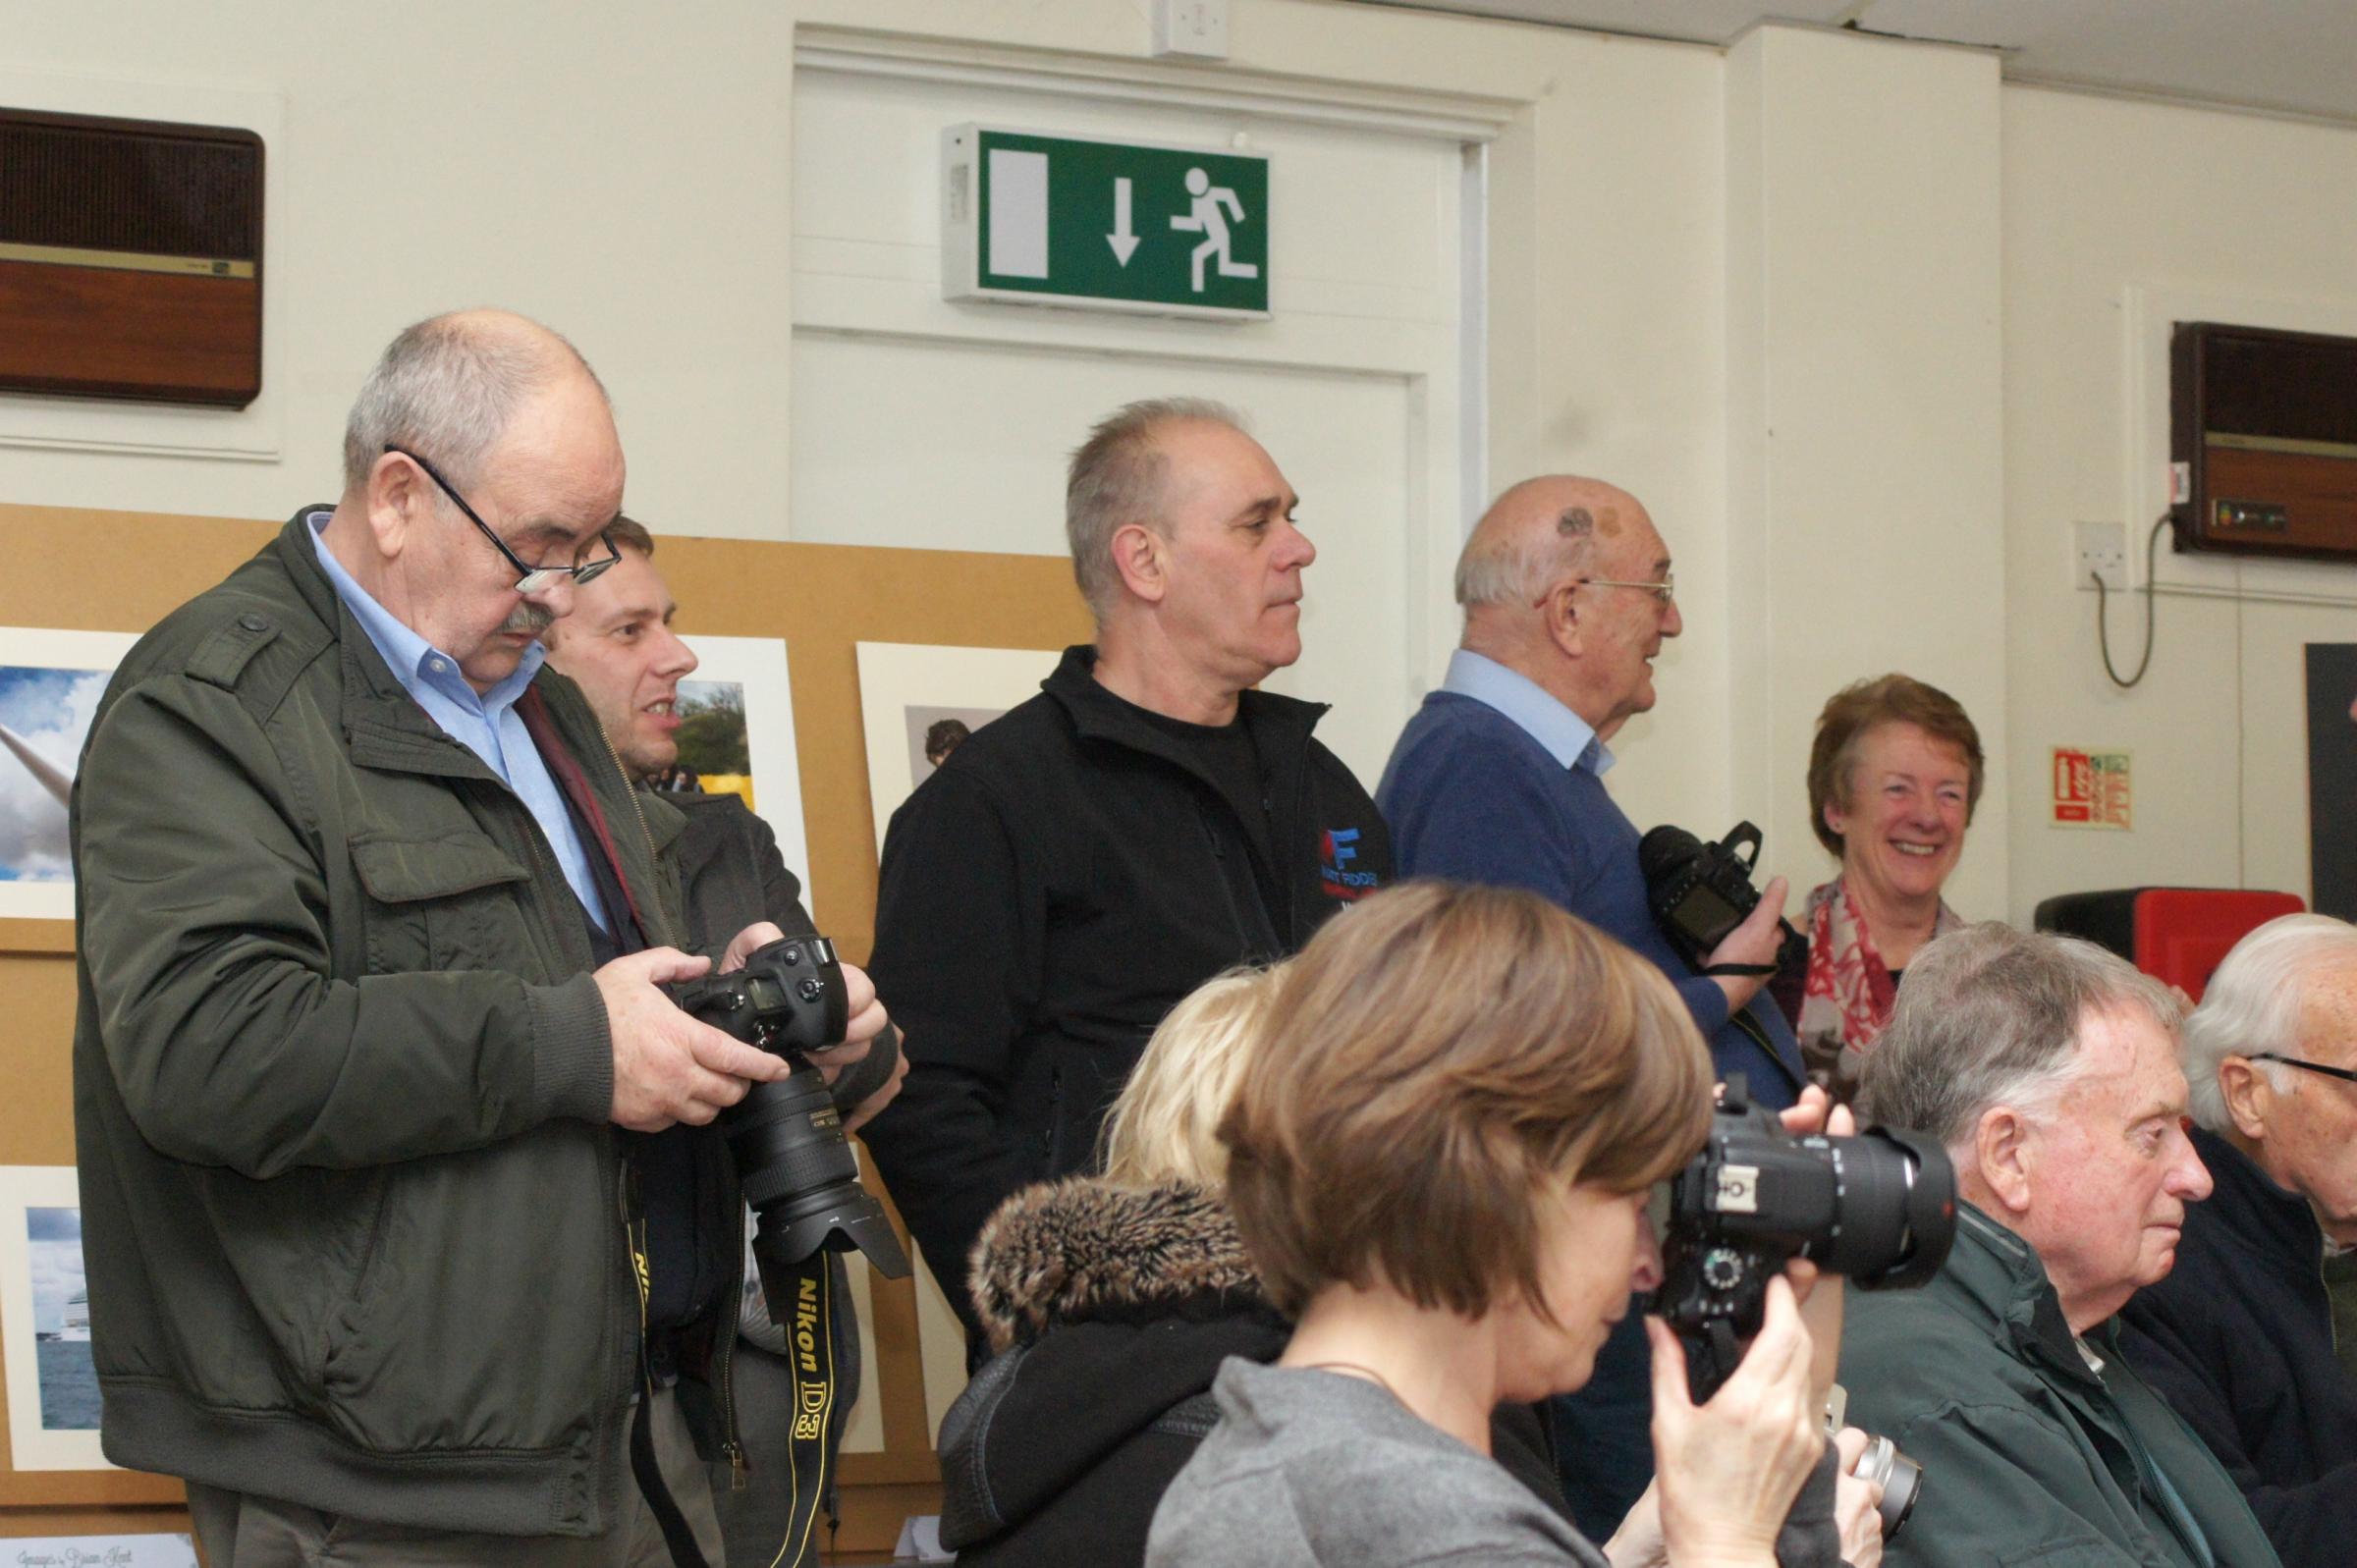 camera amateur for photographers clubs Amateur